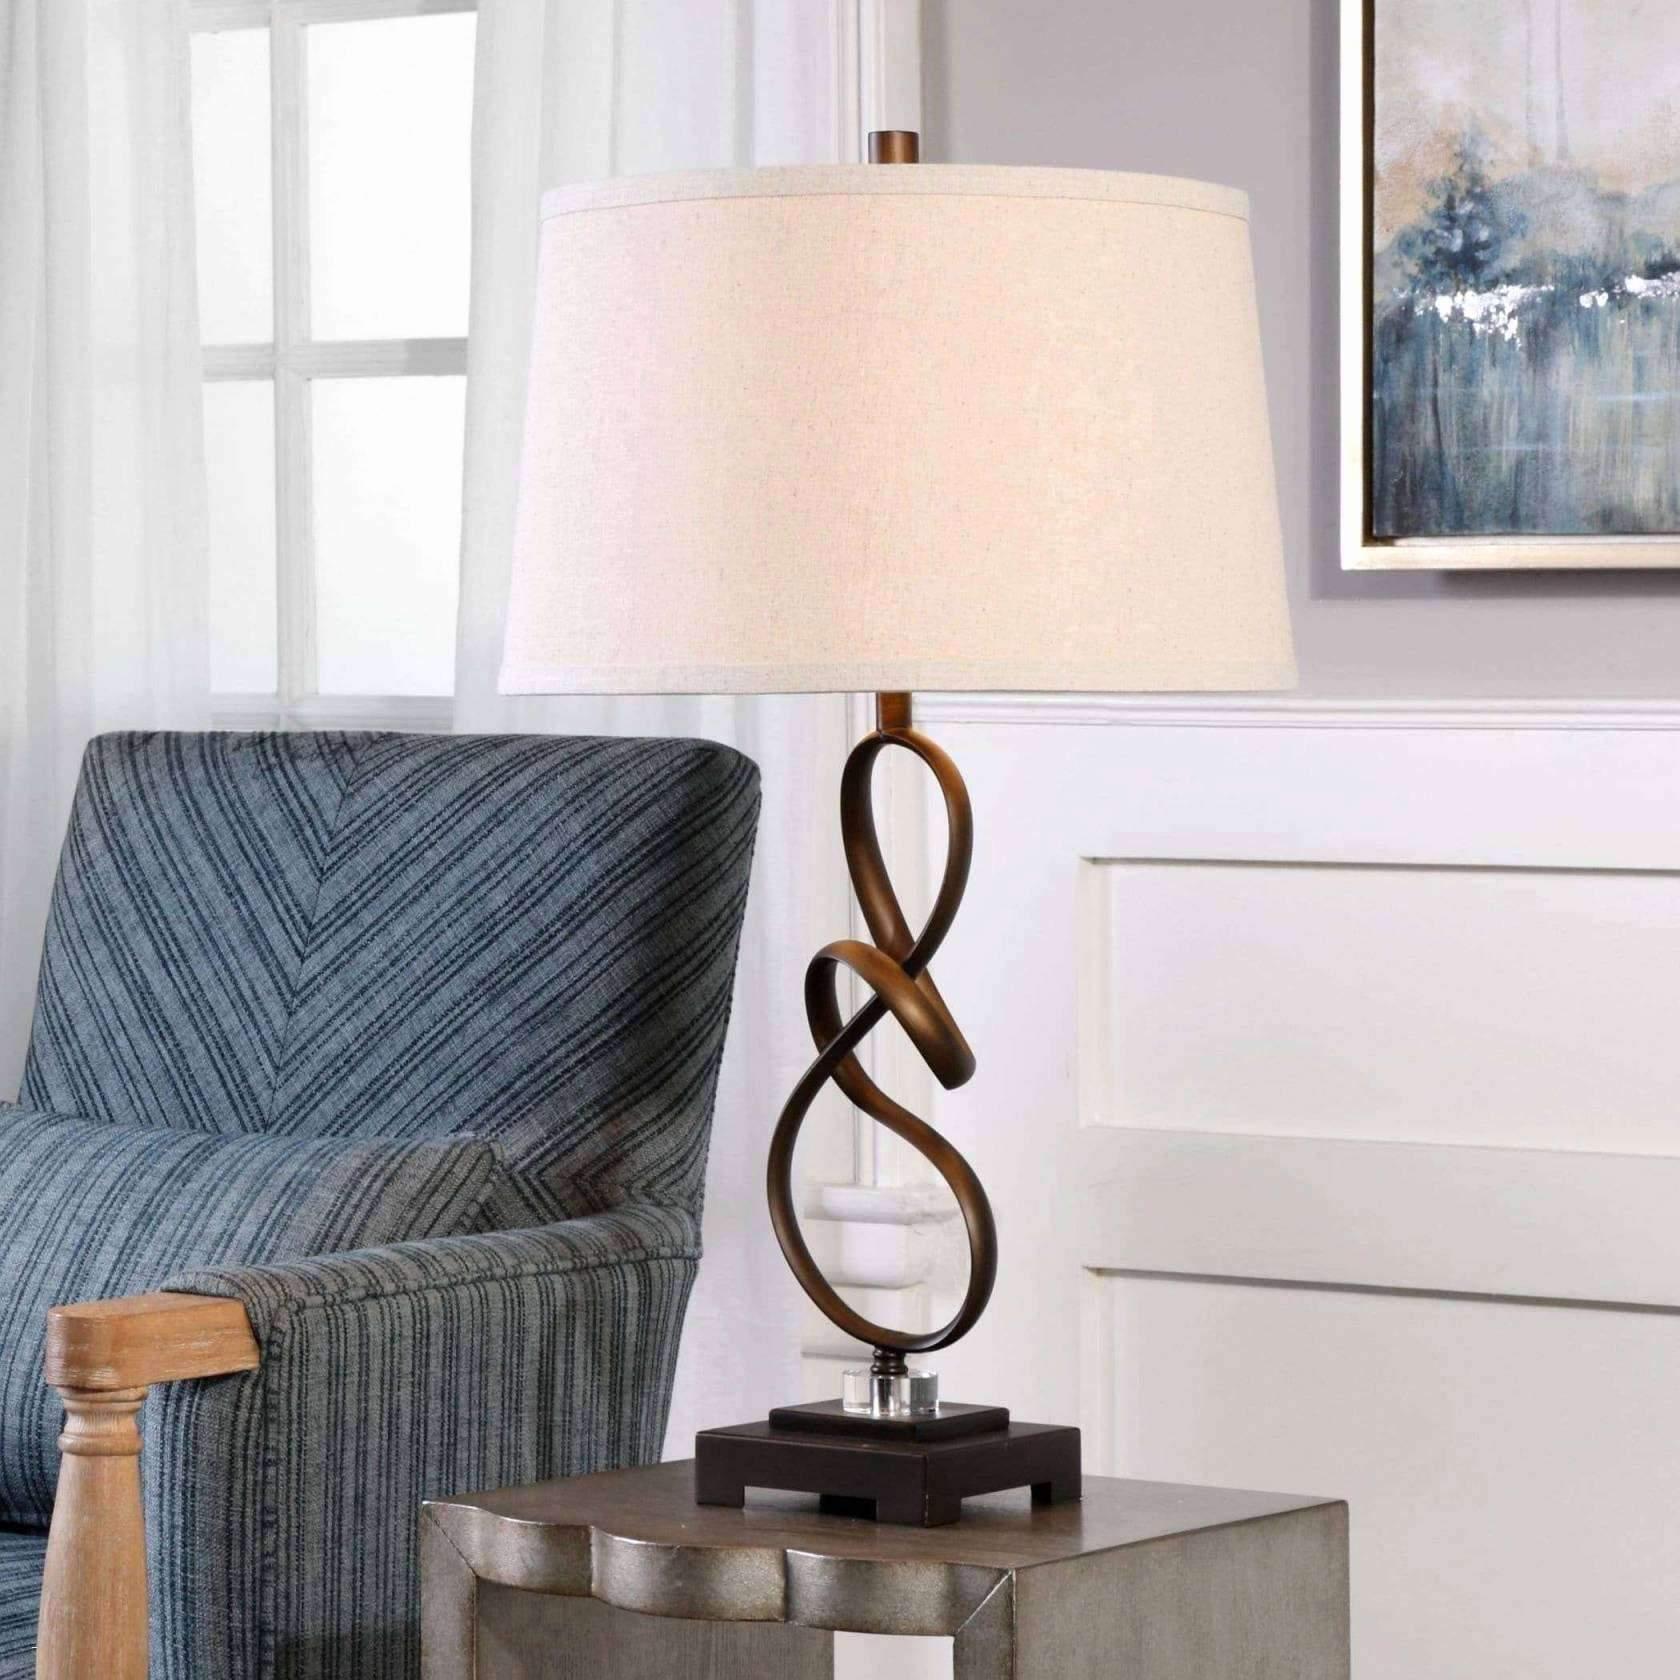 Full Size of Tiwohnzimmer Luxus 58 Tolle Von Stehlampe Mit Tisch Wohnzimmer Tapete Schrankwand Decken Led Lampen Hängeschrank Weiß Hochglanz Sideboard Teppich Wohnzimmer Tischlampe Wohnzimmer